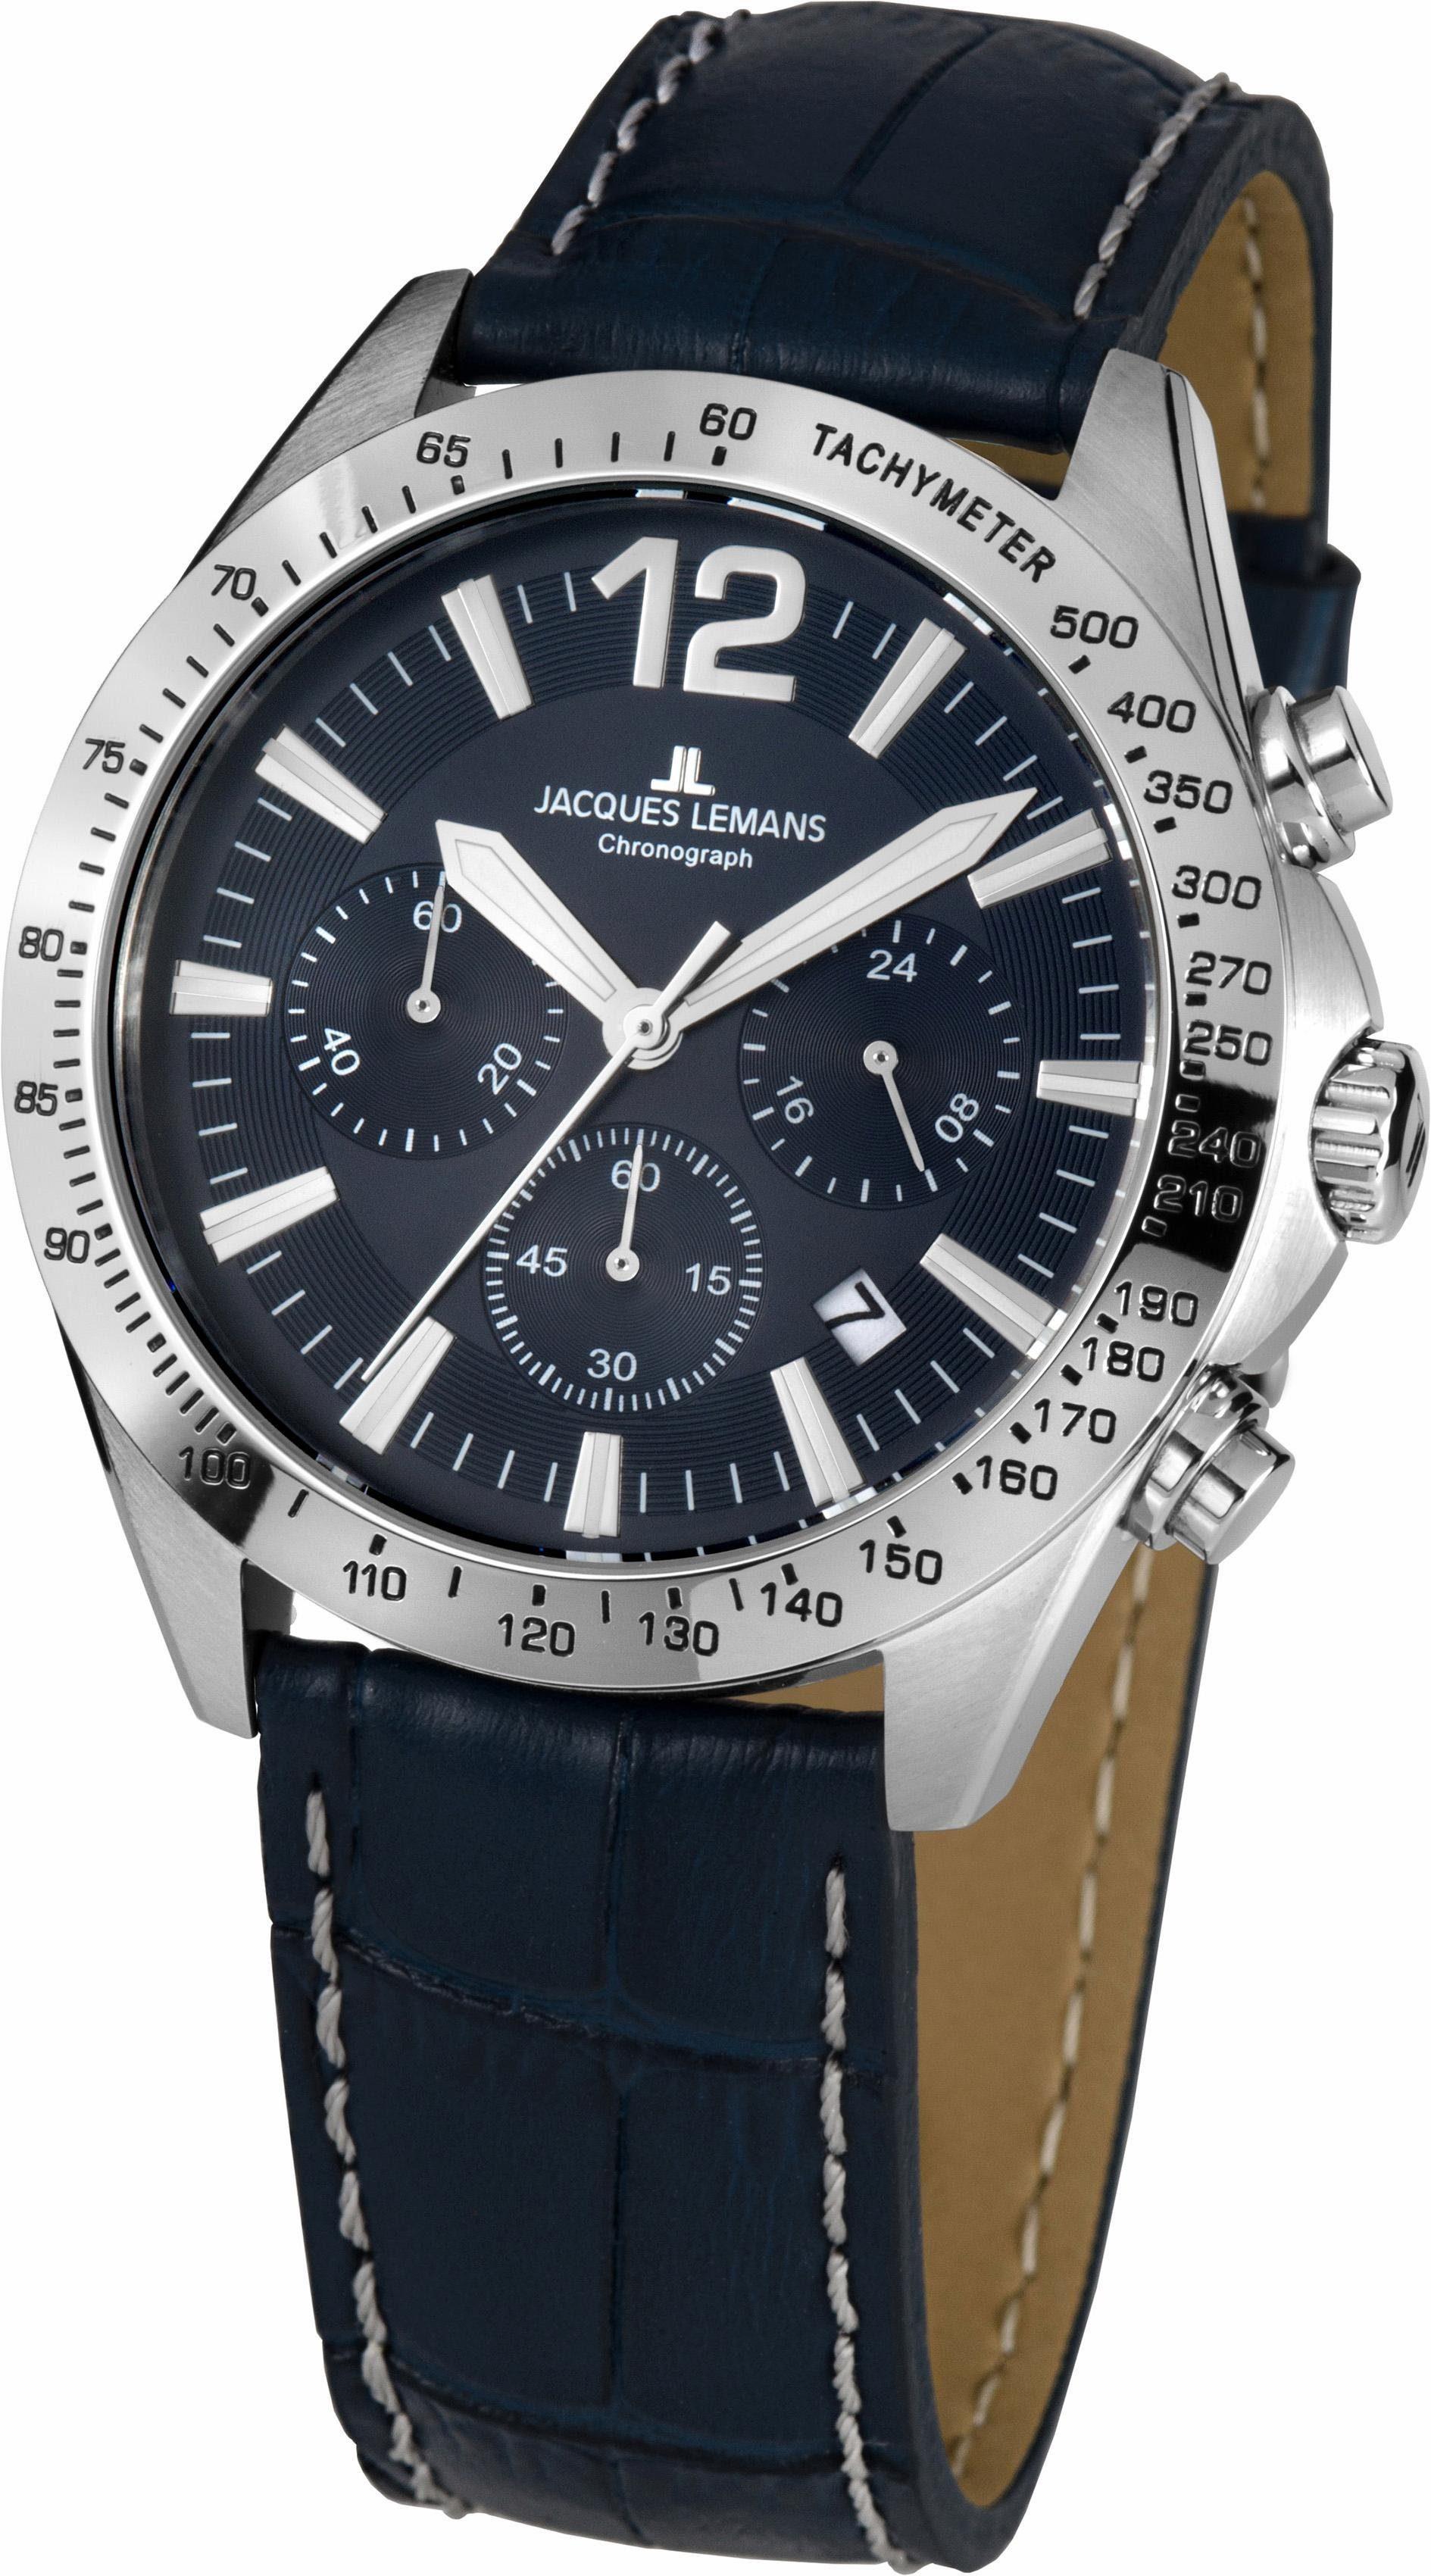 Jacques Lemans Sports Chronograph »Aktionsuhr, 42-5B«